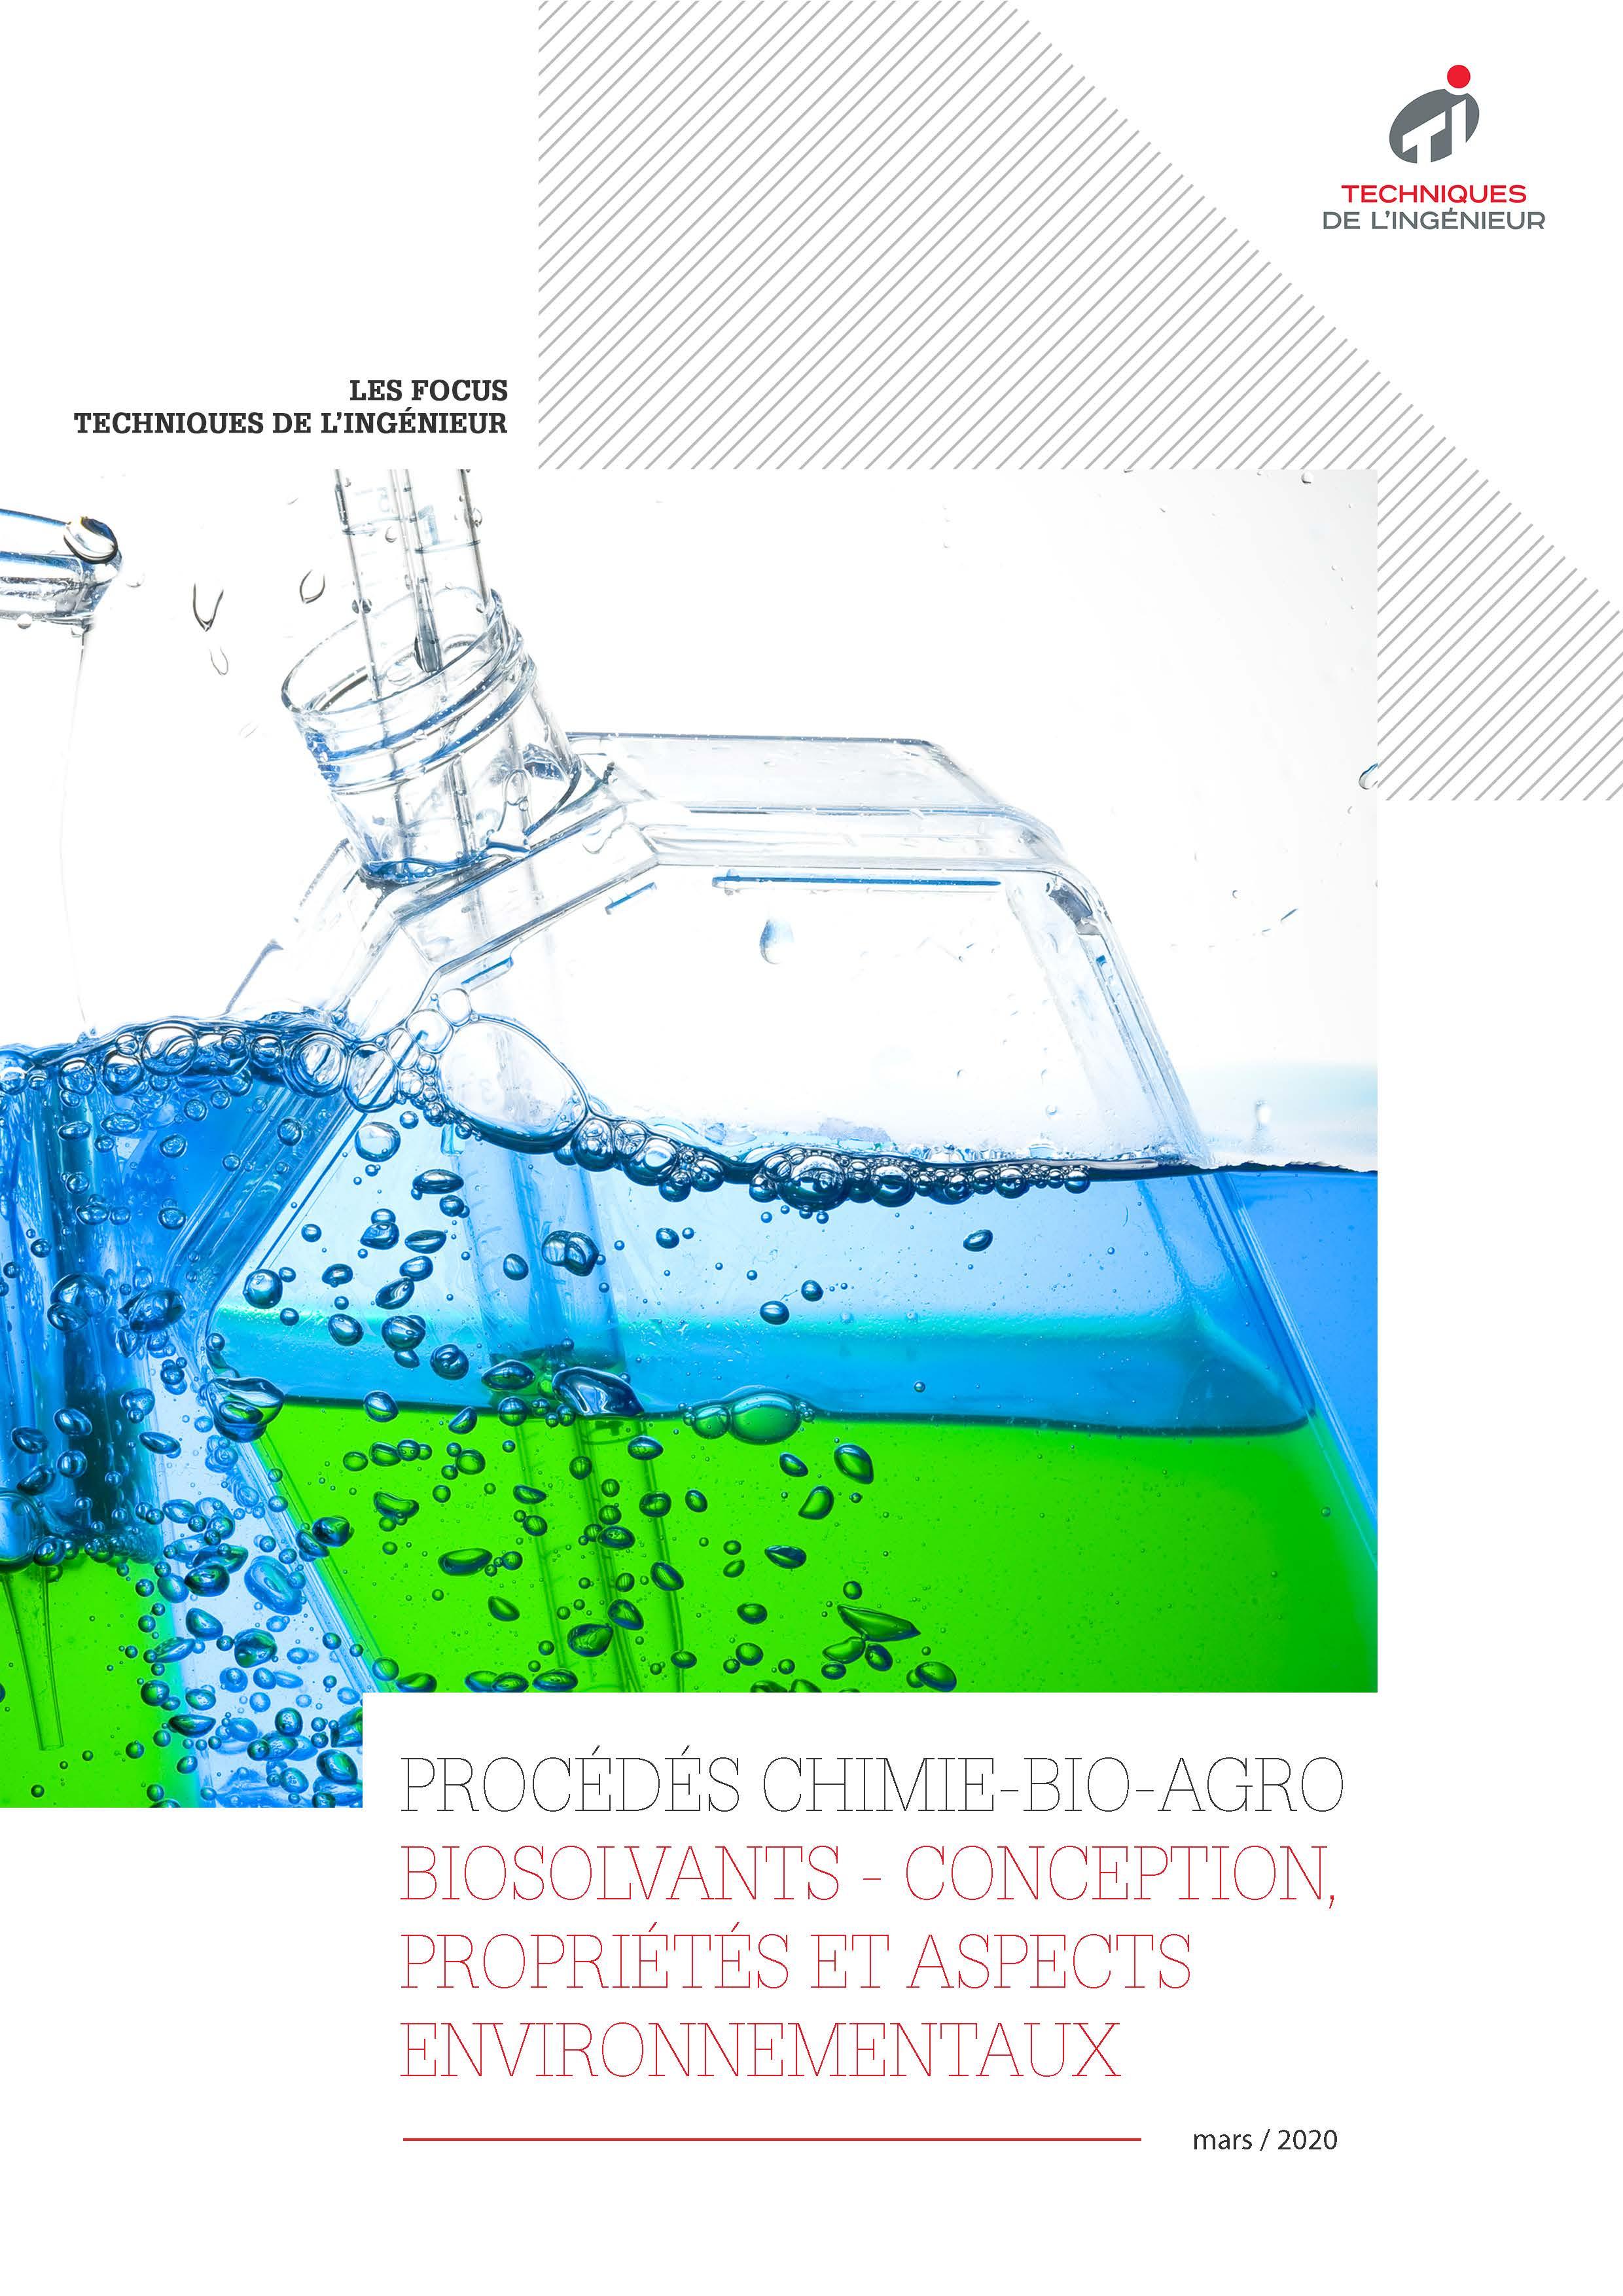 Biosolvants - conception, propriétés et aspects environnementaux